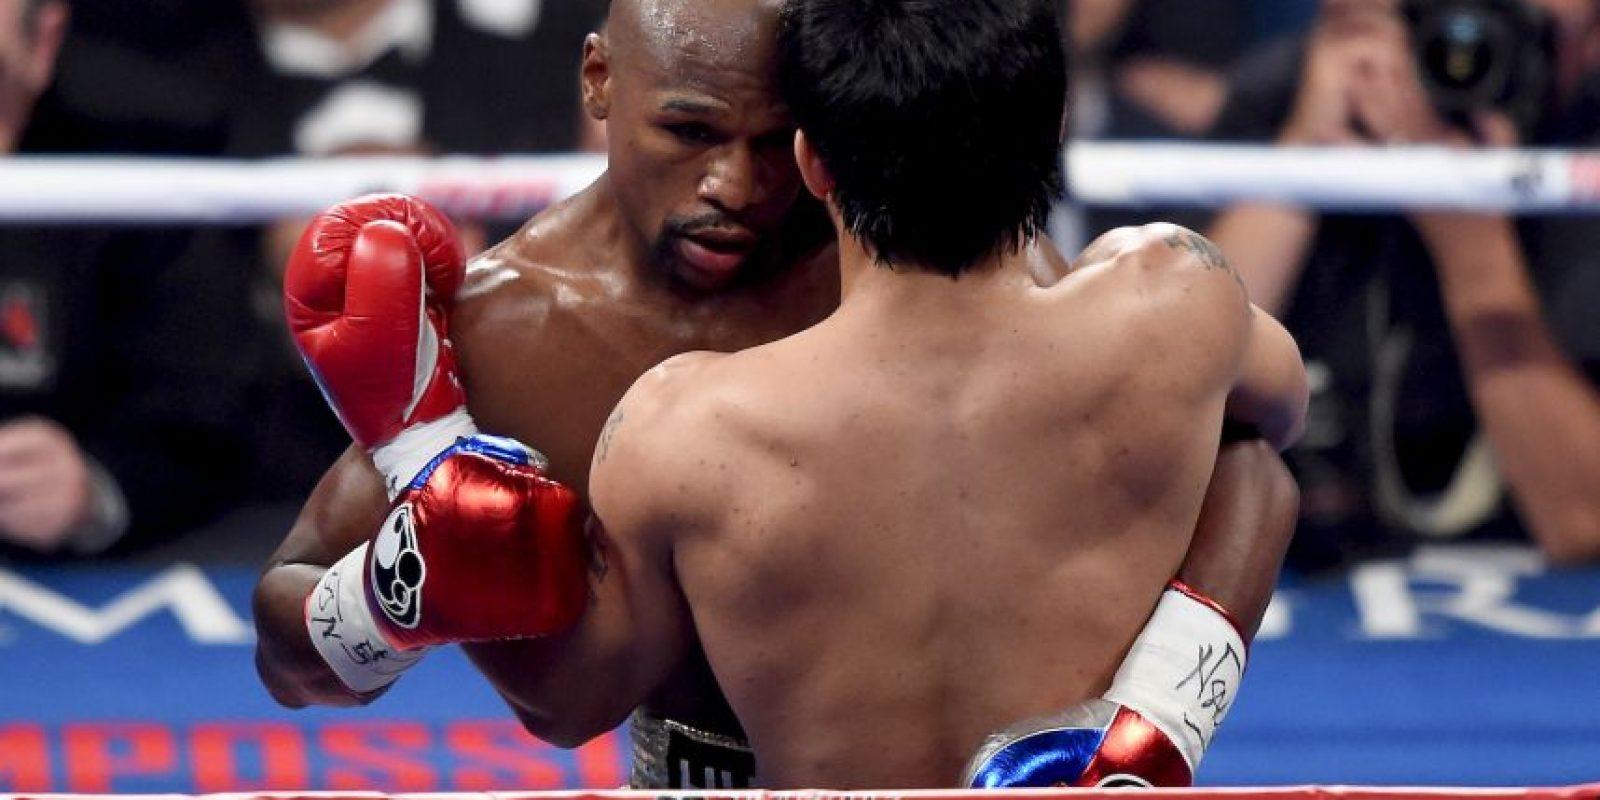 """Las peleas que más Pago por Evento han vendido en la historia son: Mayweather vs. Pacquiao – 4.4 millones, Mayweather vs. De la Hoya – 2.48 millones, Mayweather vs. """"Canelo"""" Álvarez – 2.25 millones… Foto:Getty Images"""